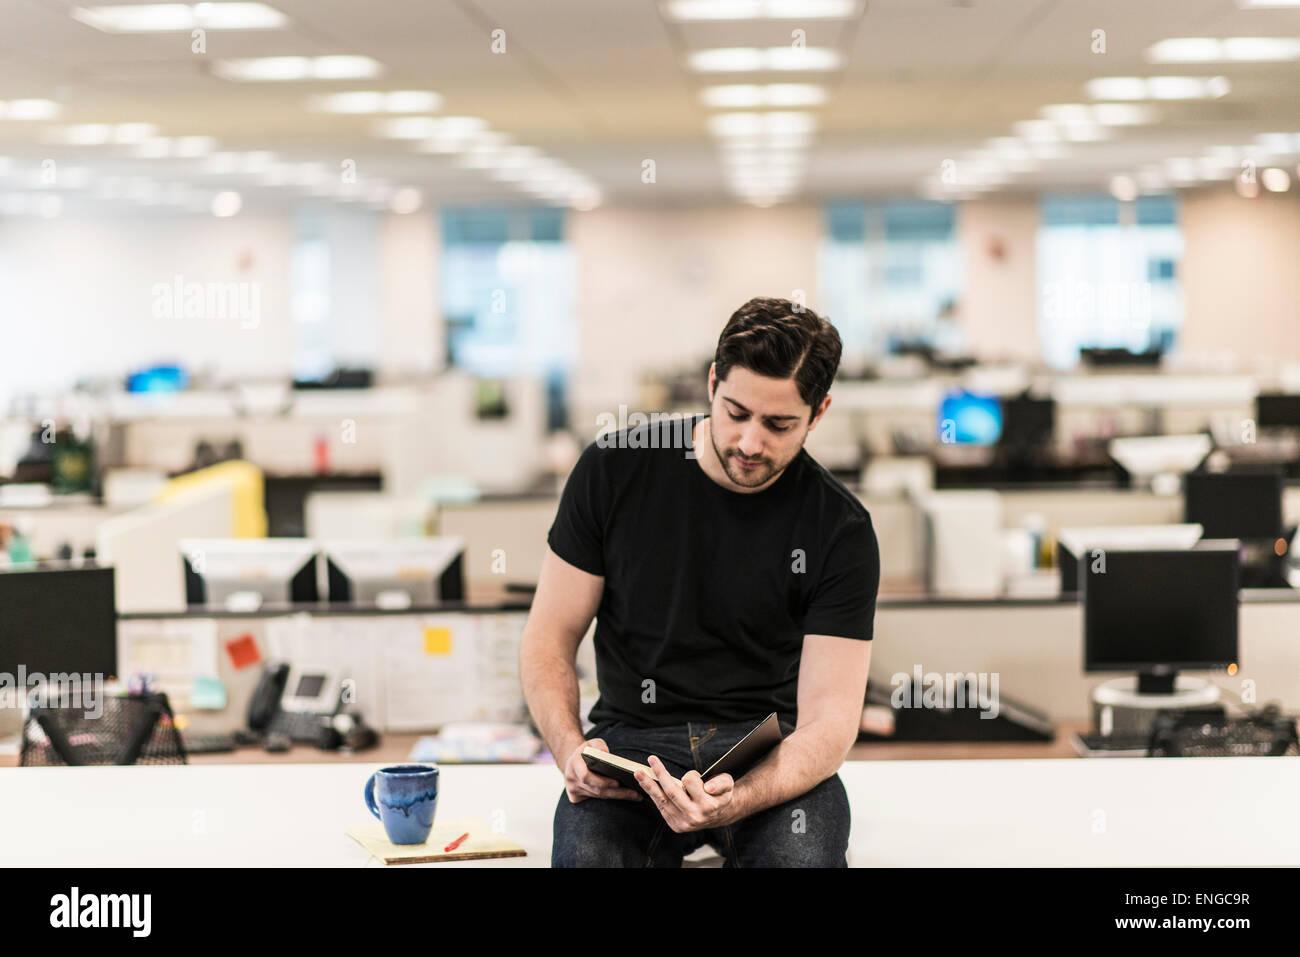 Un uomo seduto su una scrivania in un ufficio guardando un libro o un diario. Immagini Stock